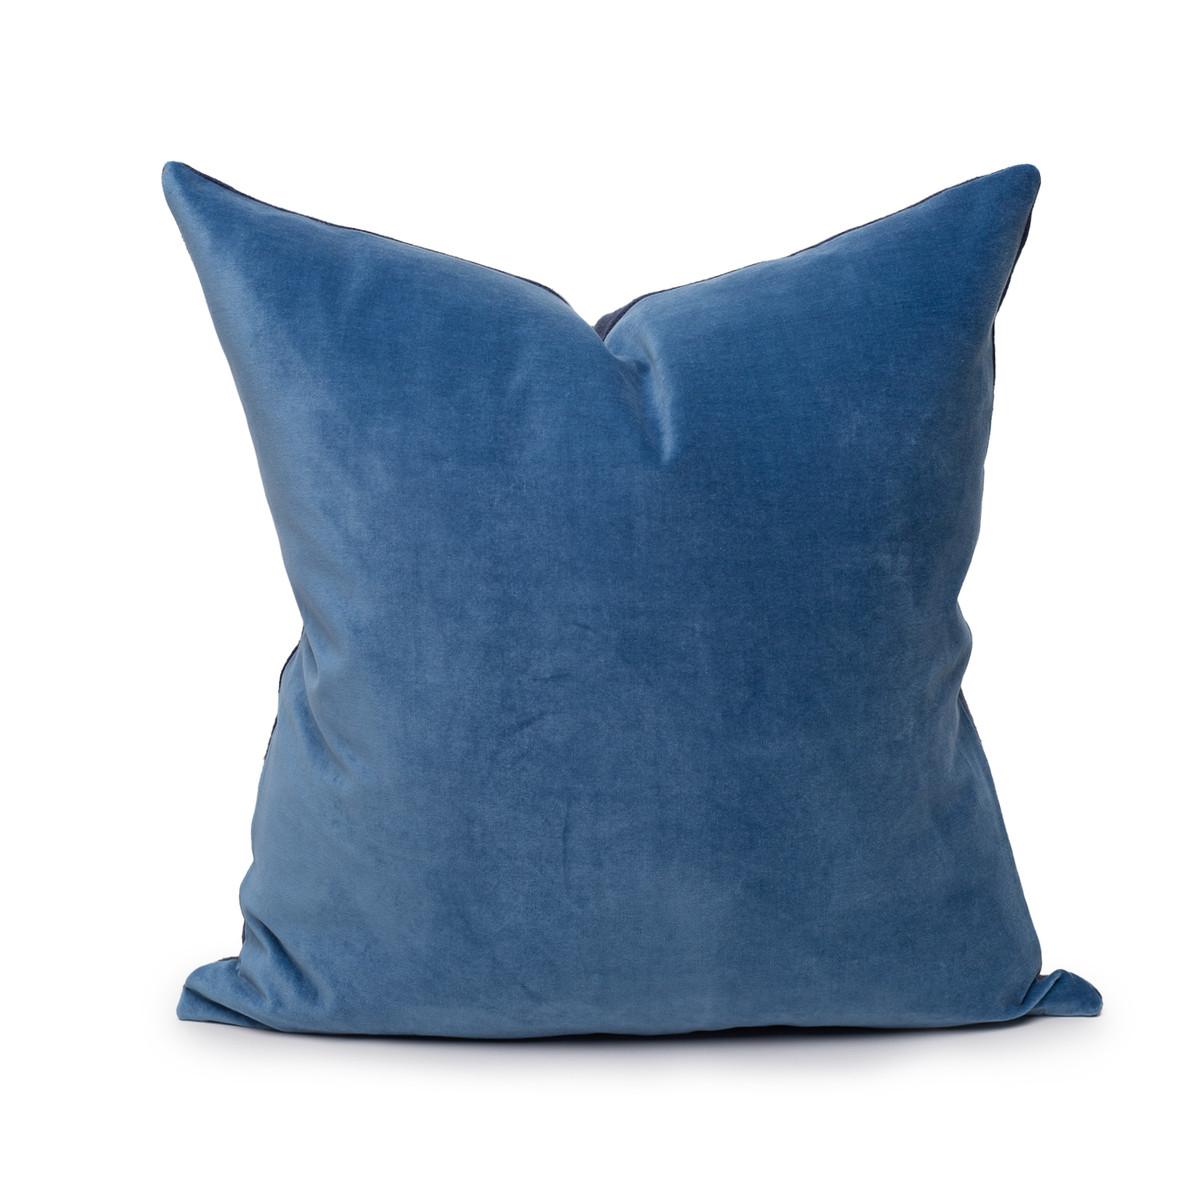 Sophie Kyanite Blue Velvet and Navy Linen Pillow - Front